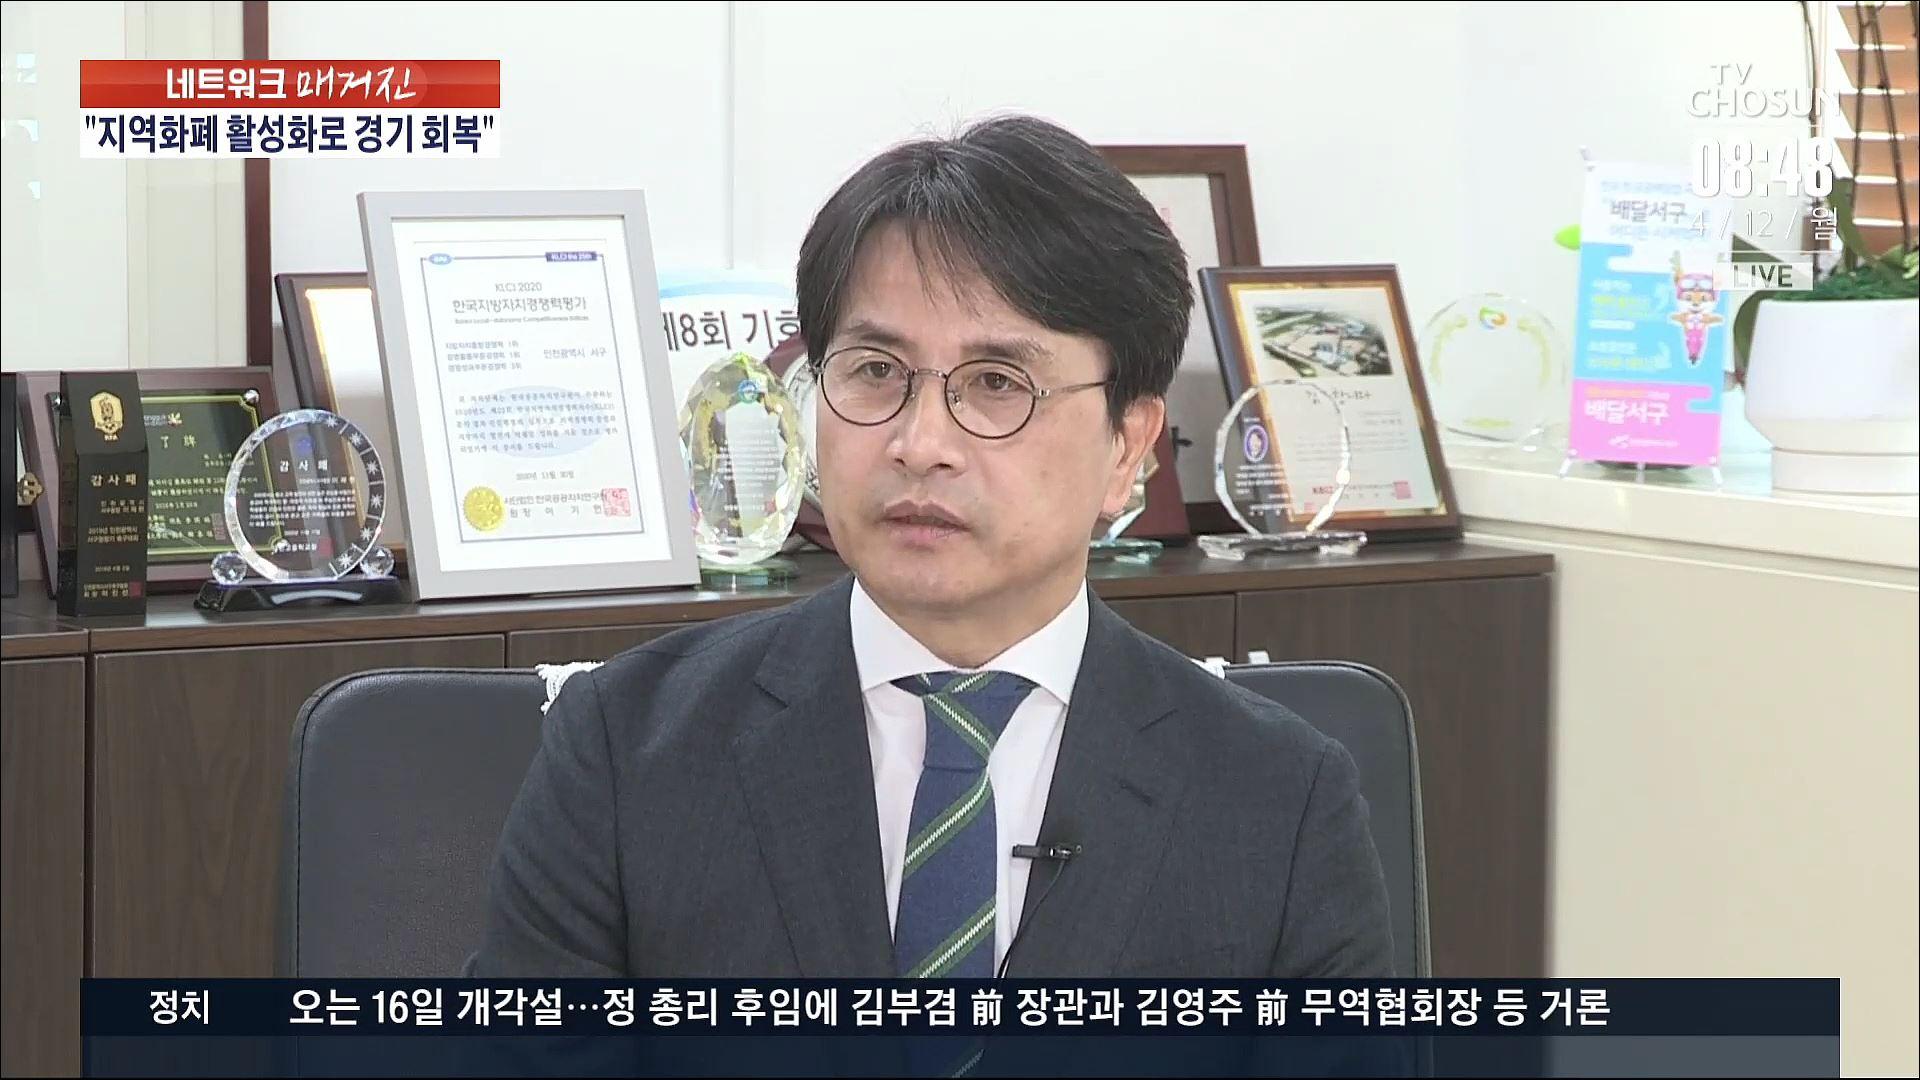 [네트워크 초대석] 이재현 인천 서구청장 'e음 문화로 경제·환경문제 극복'